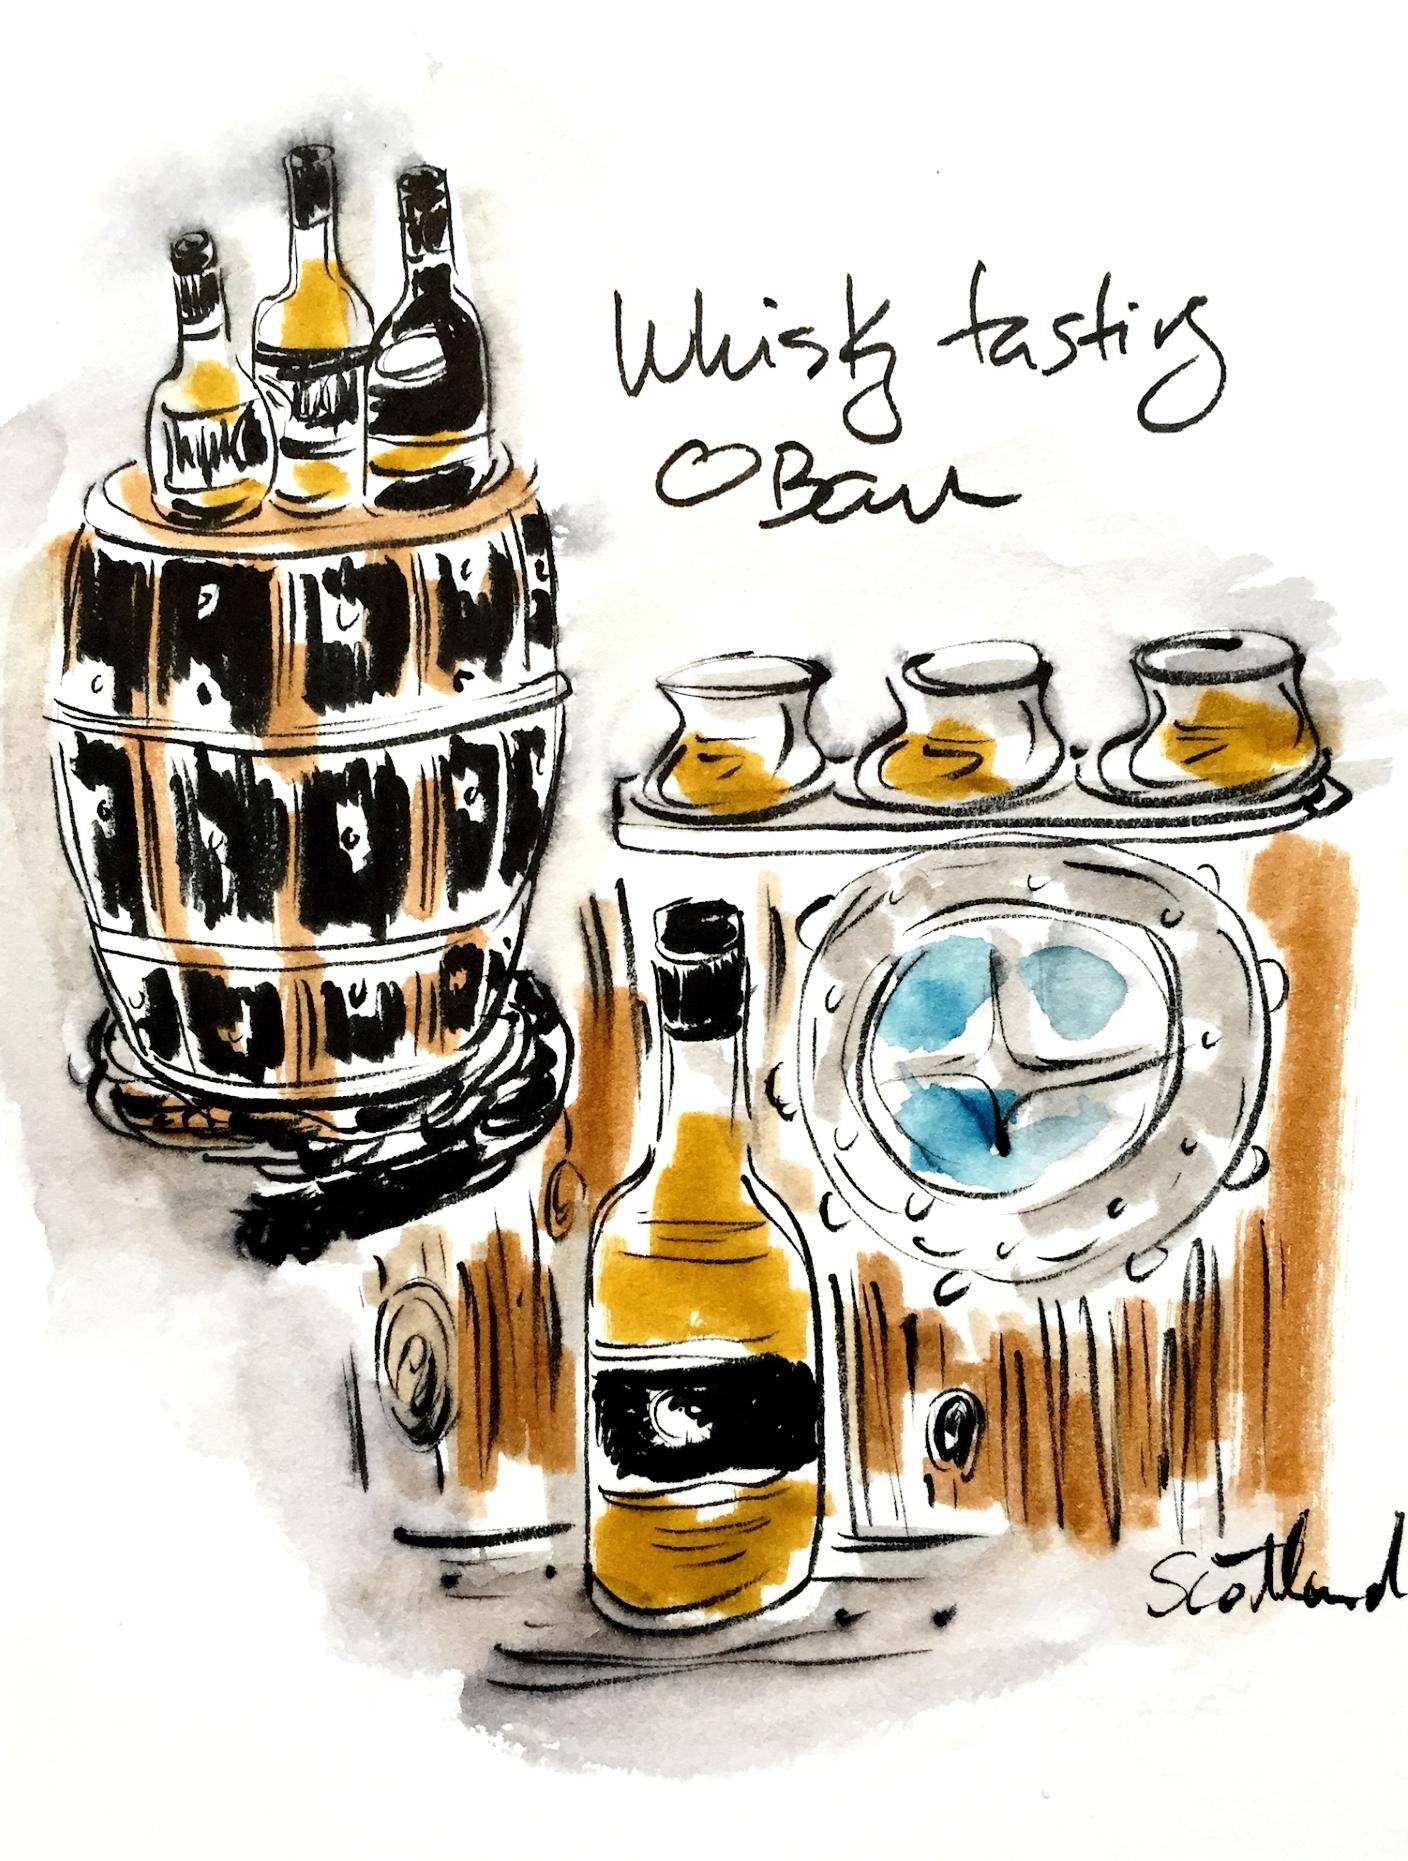 Whisky (not whiskey), Oban, Scotland